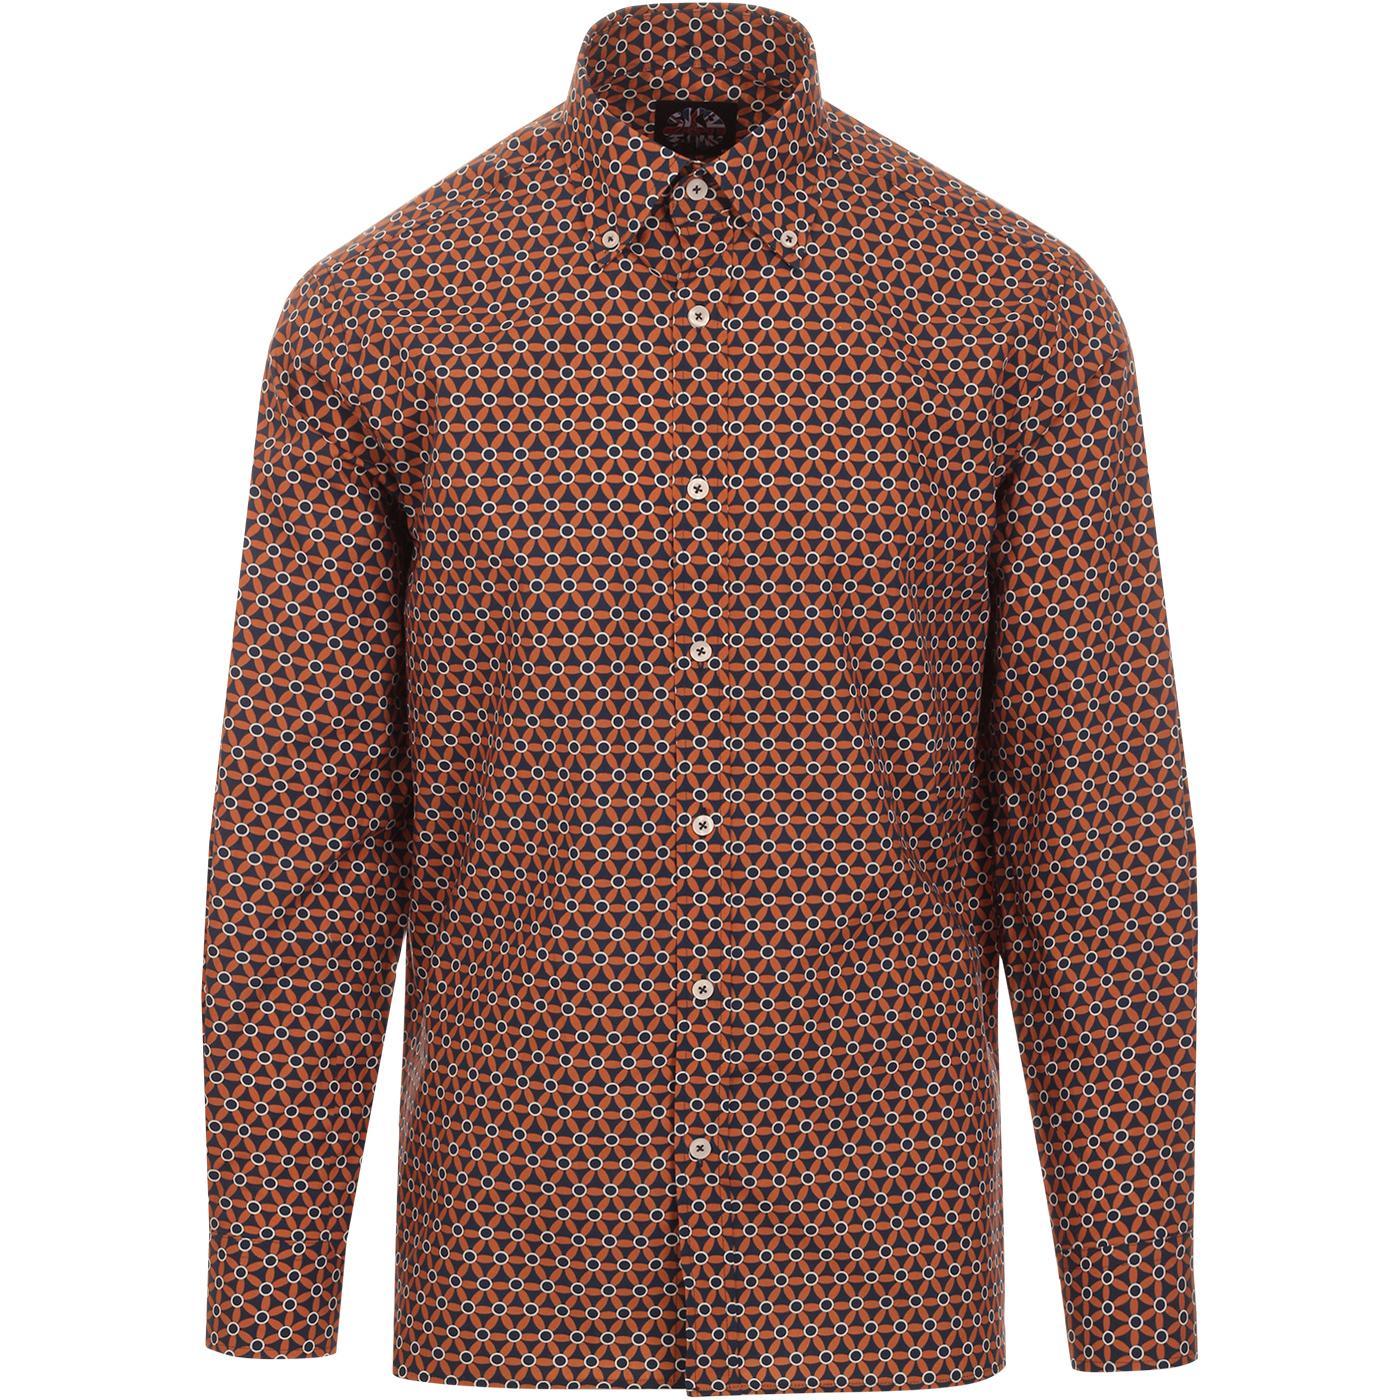 SKA & SOUL 60s Mod Floral Op Art Button Down Shirt